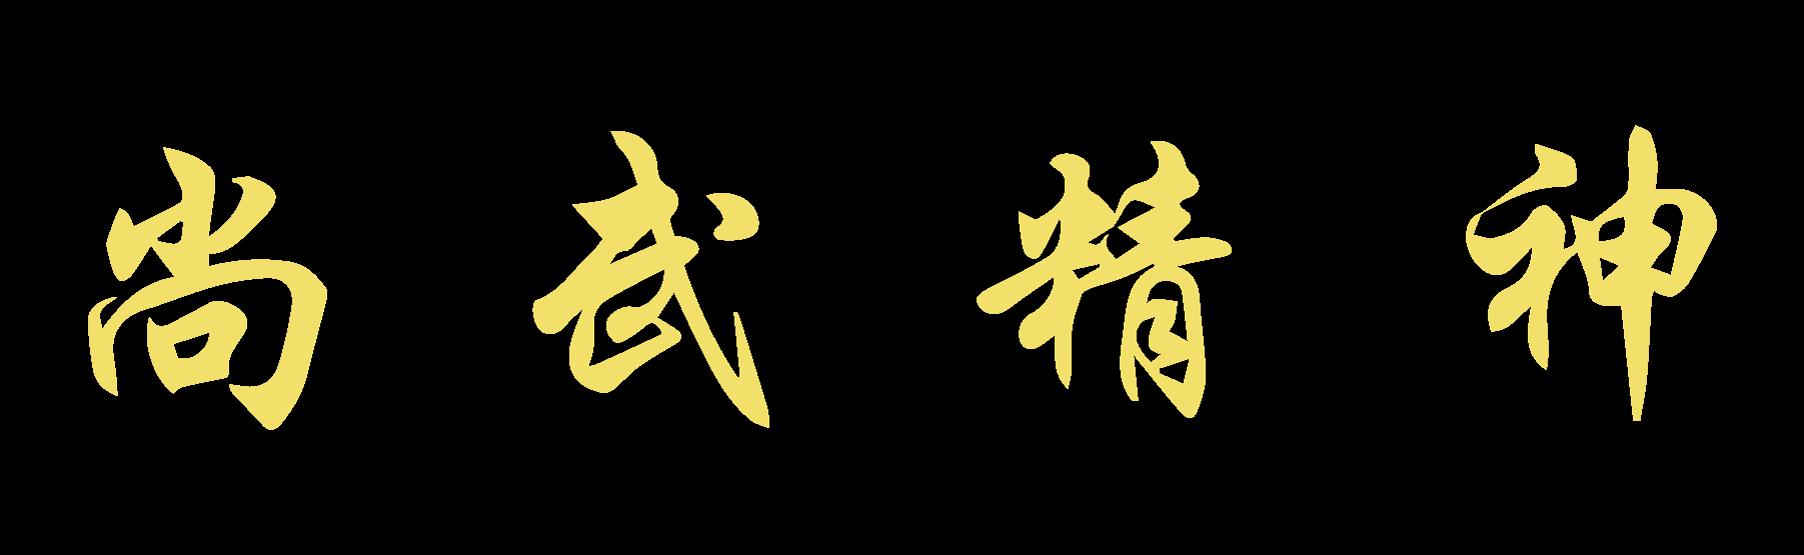 shang-wu-jing-shen-yellow